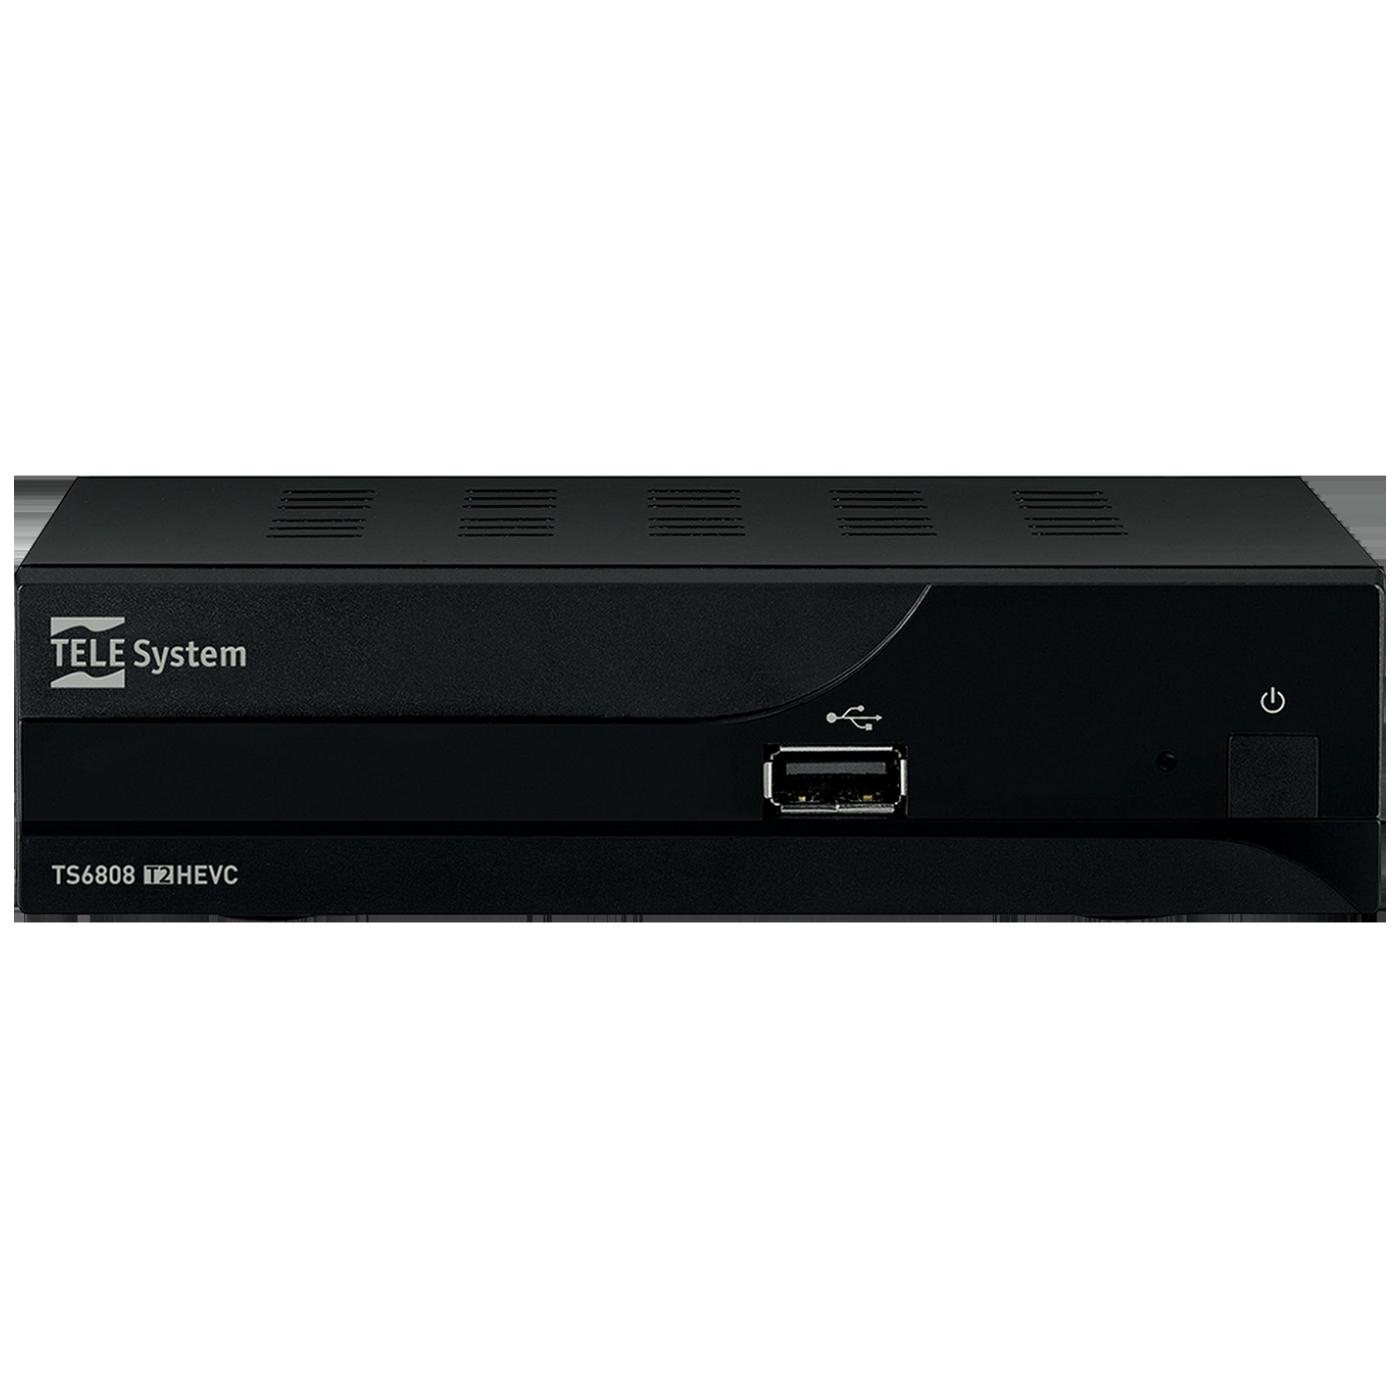 TS6808 T2 HEVC